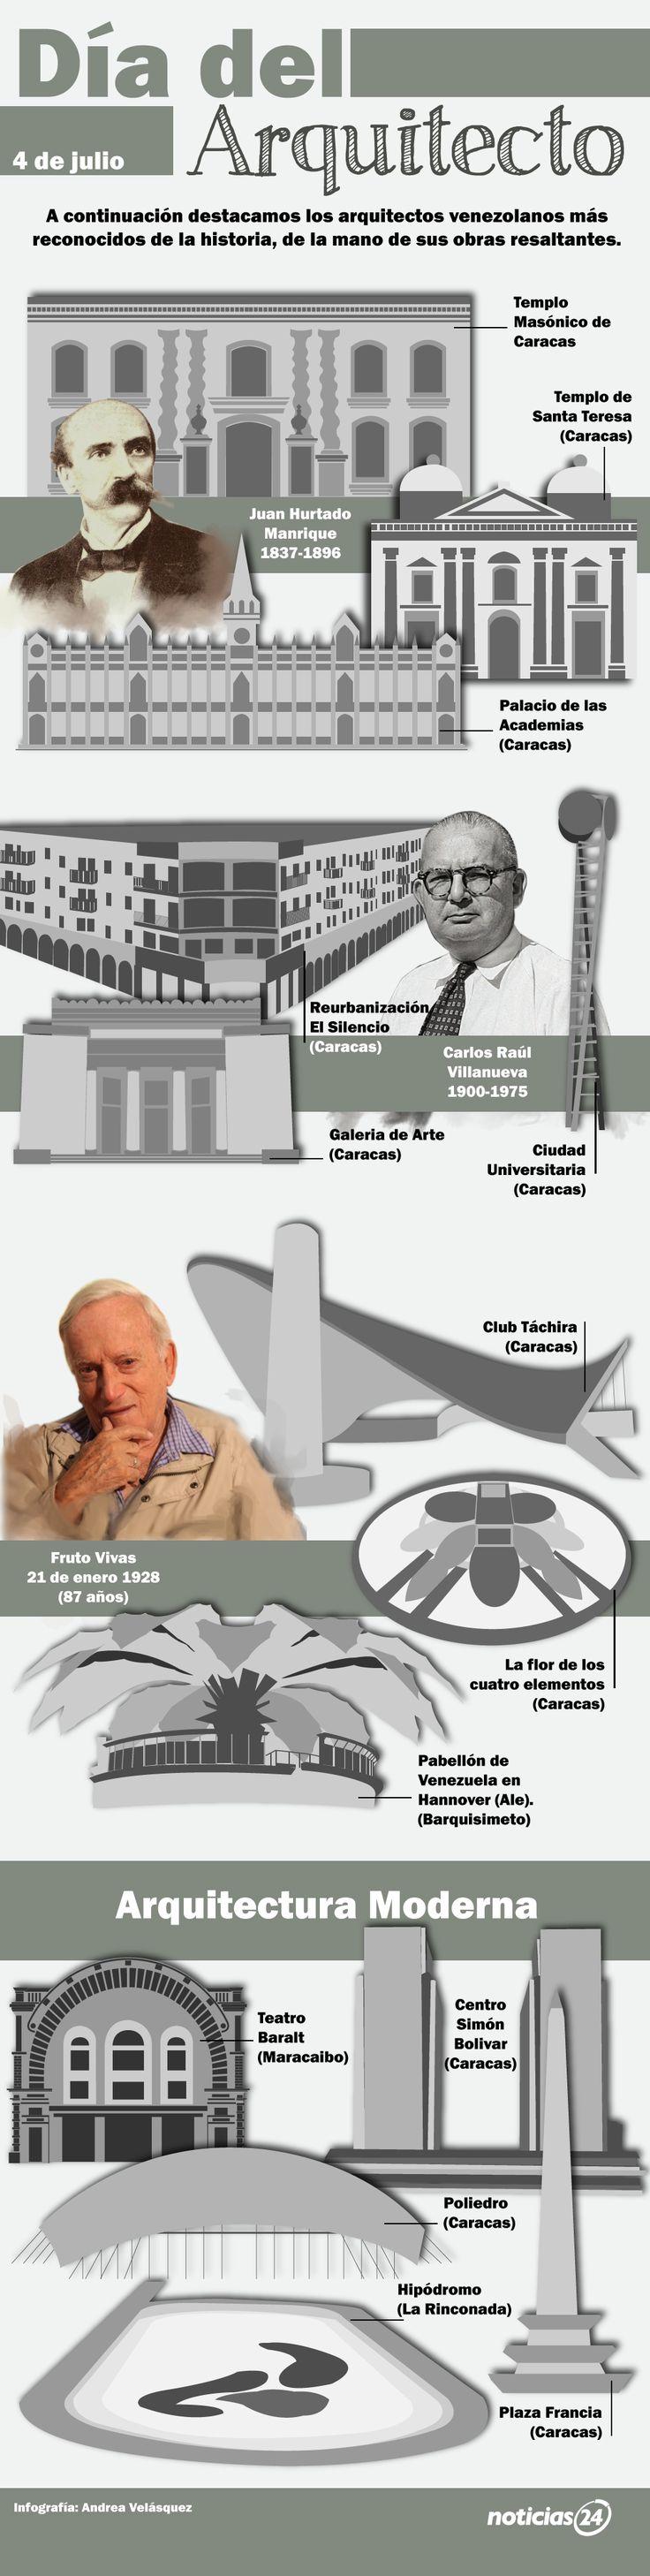 Infografía N24: Venezuela representada como una joya, 04 de julio Día del Arquitecto